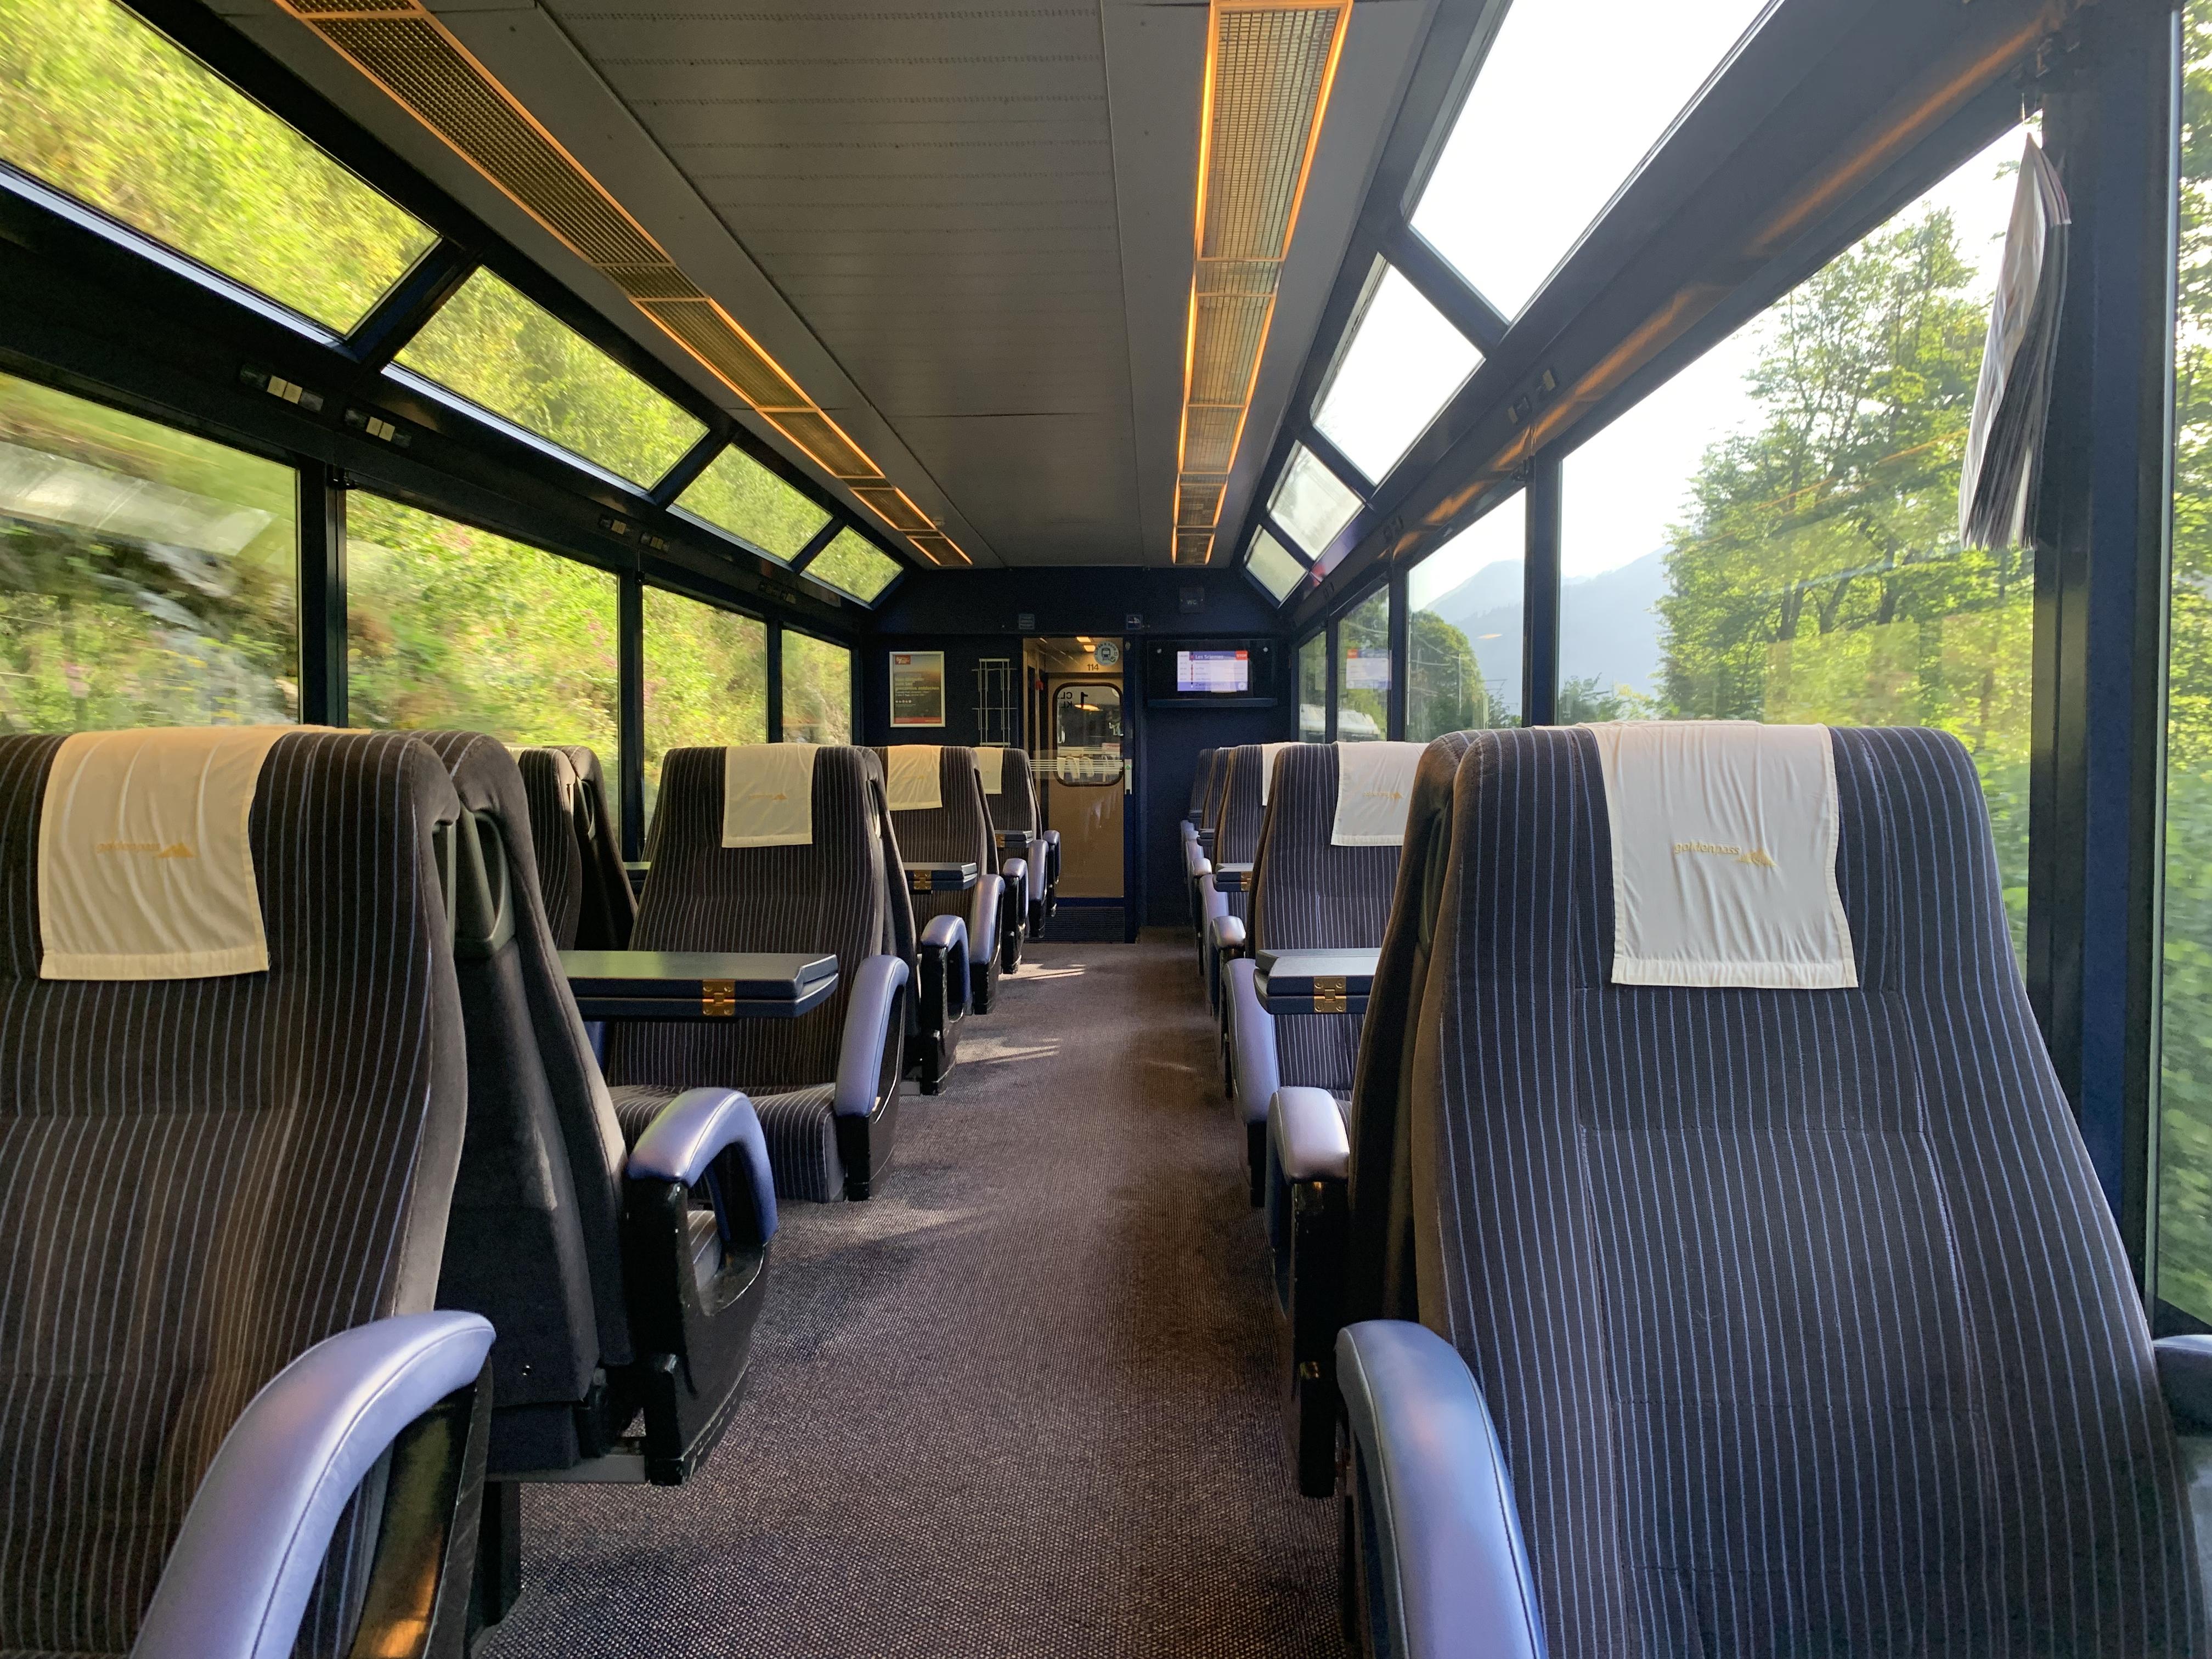 Um sonho: sozinha no vagão da primeira classe no GoldenPass